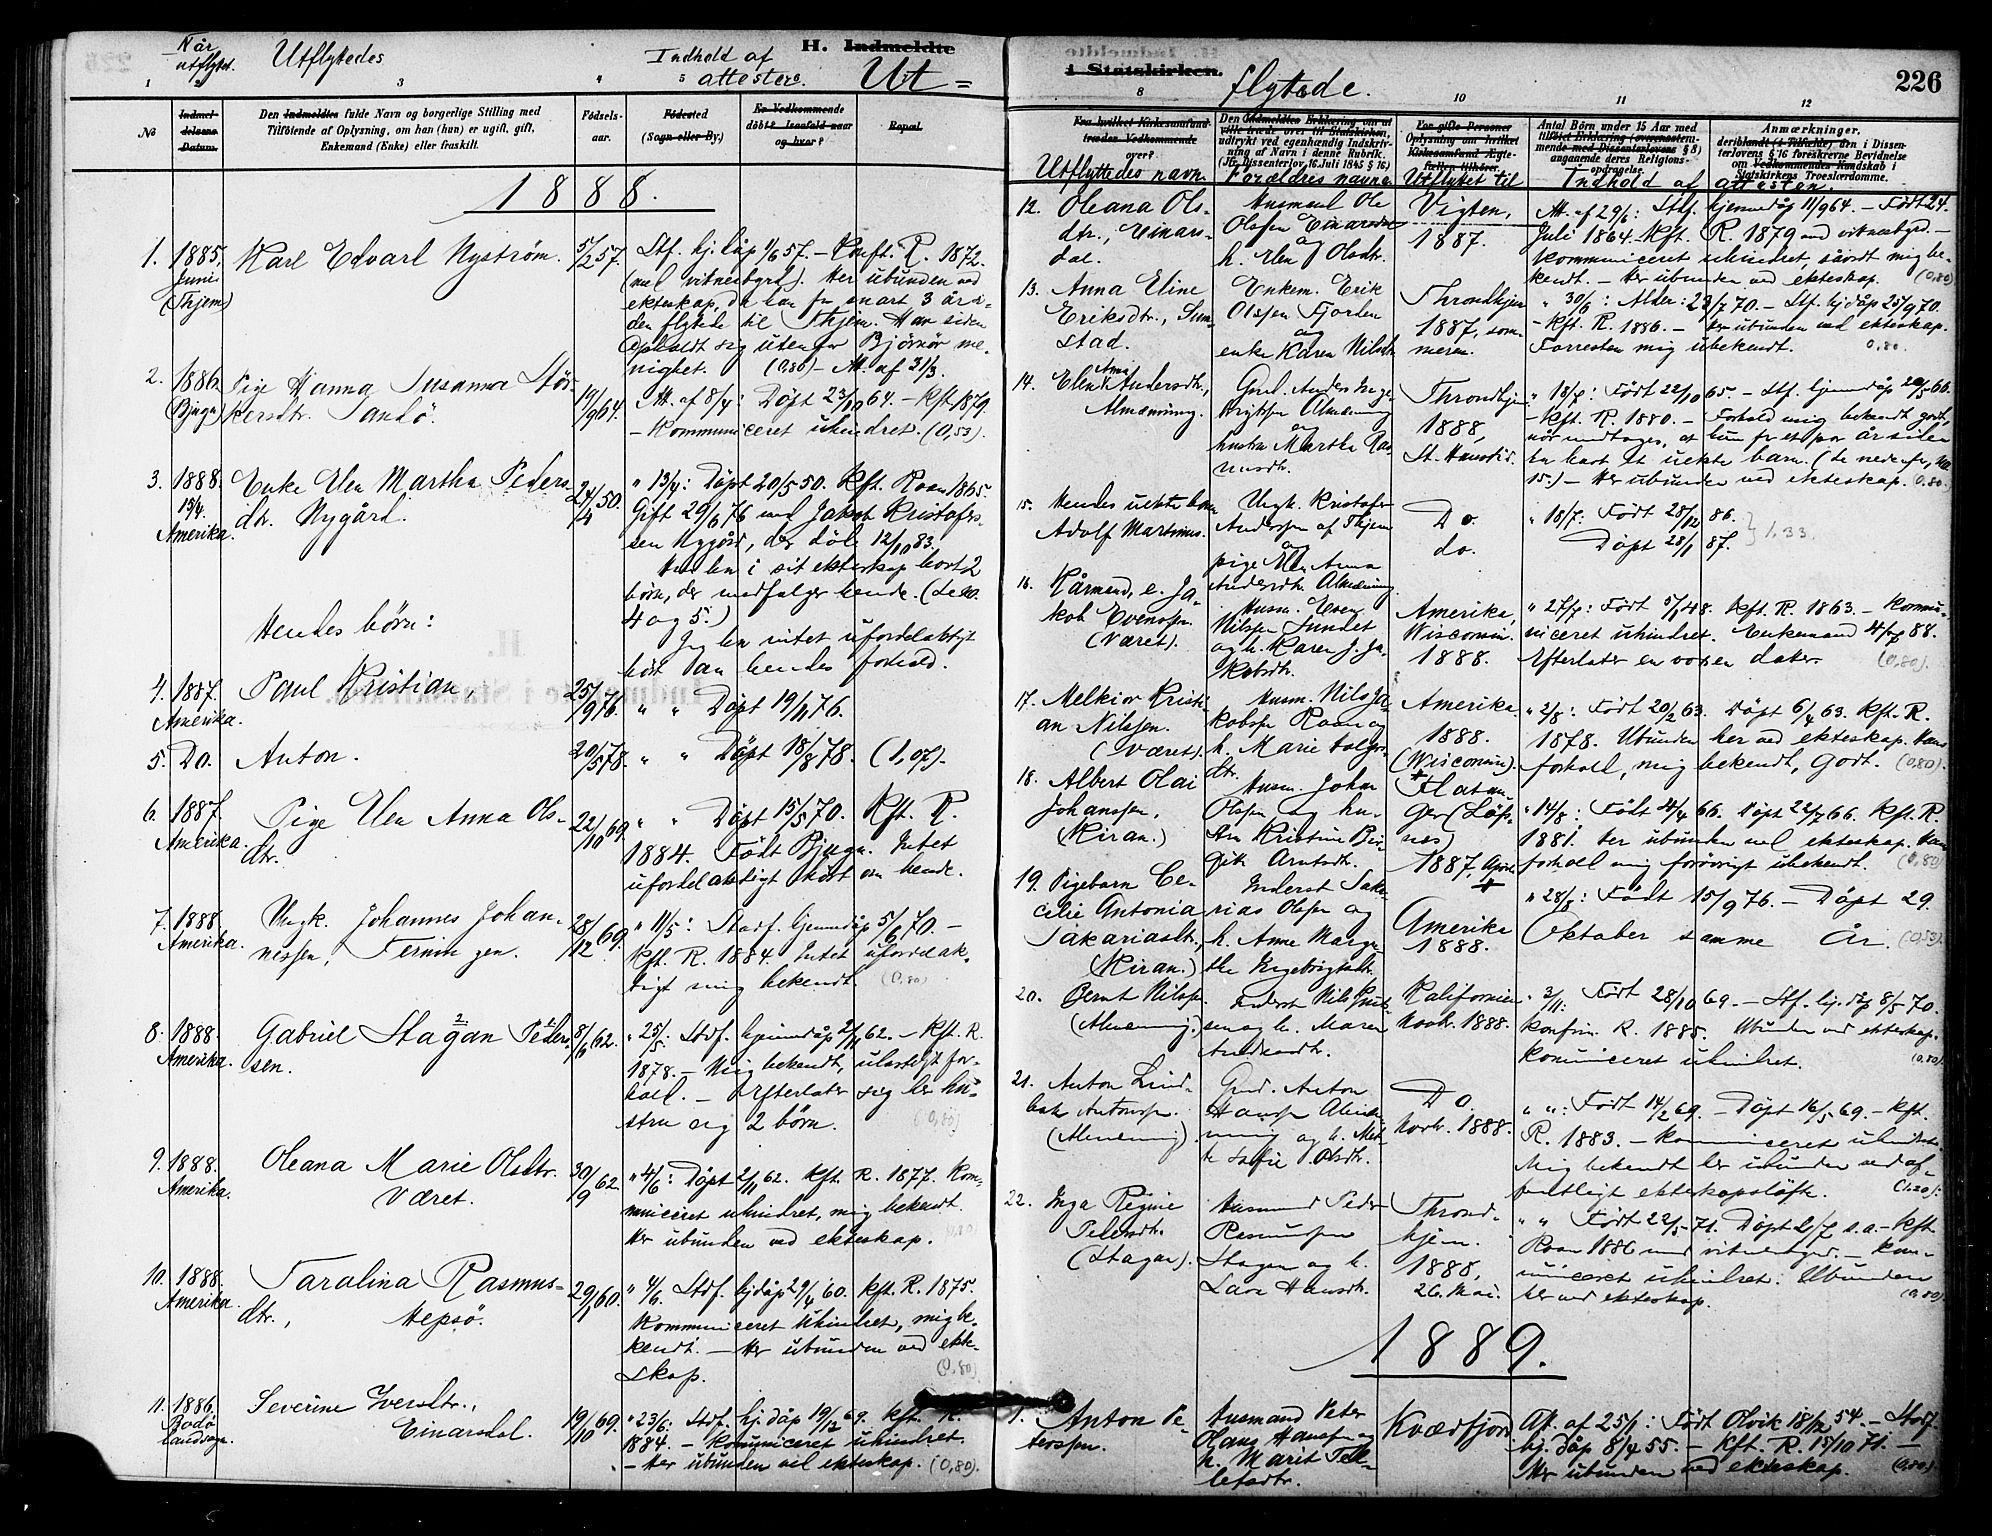 SAT, Ministerialprotokoller, klokkerbøker og fødselsregistre - Sør-Trøndelag, 657/L0707: Ministerialbok nr. 657A08, 1879-1893, s. 226